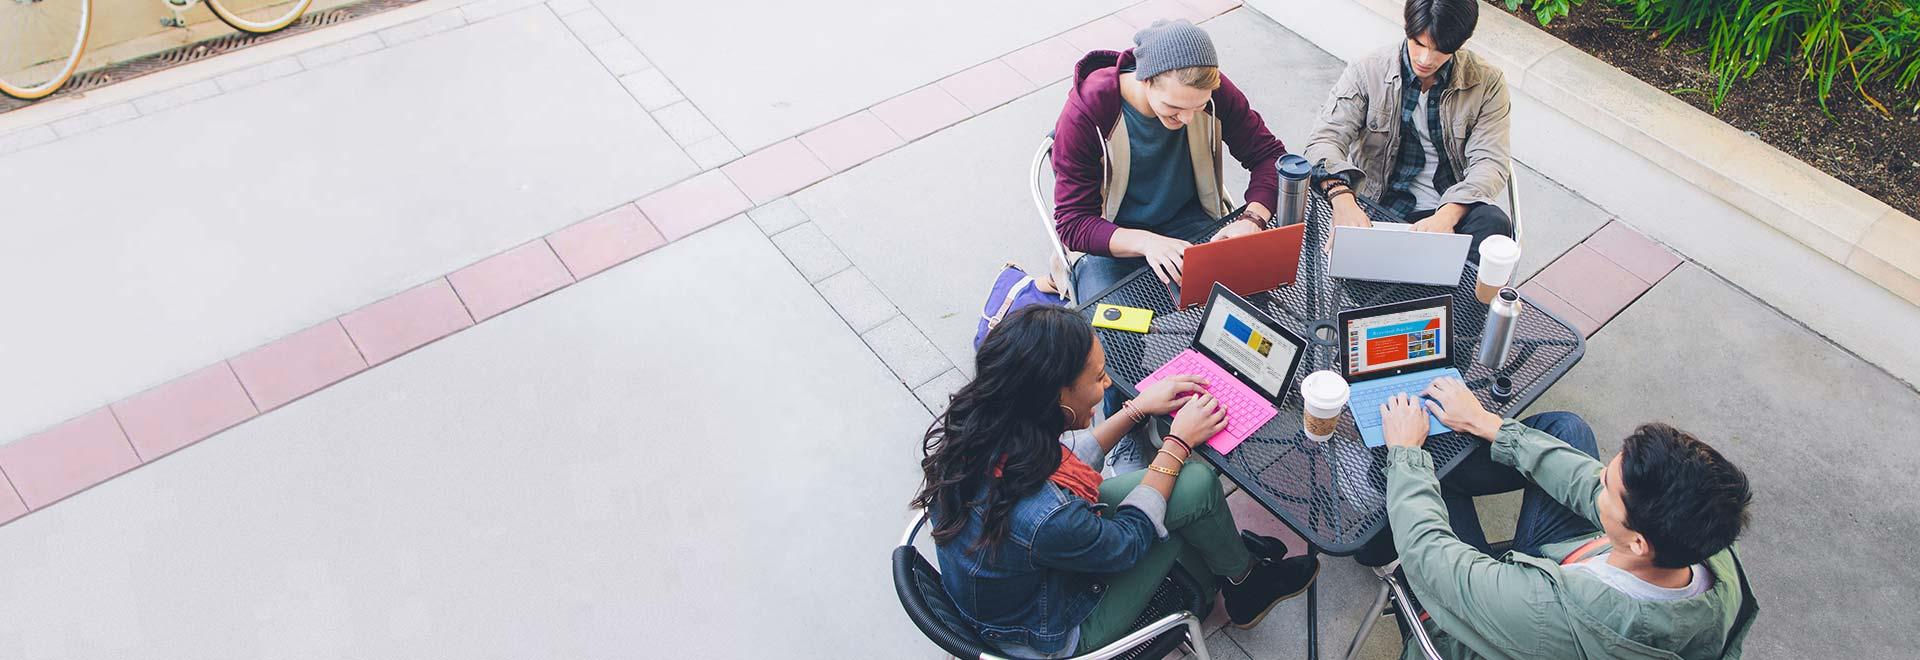 Štyria študenti sediaci vonku pri stole apoužívajúci služby Office 365 Education vtabletoch.